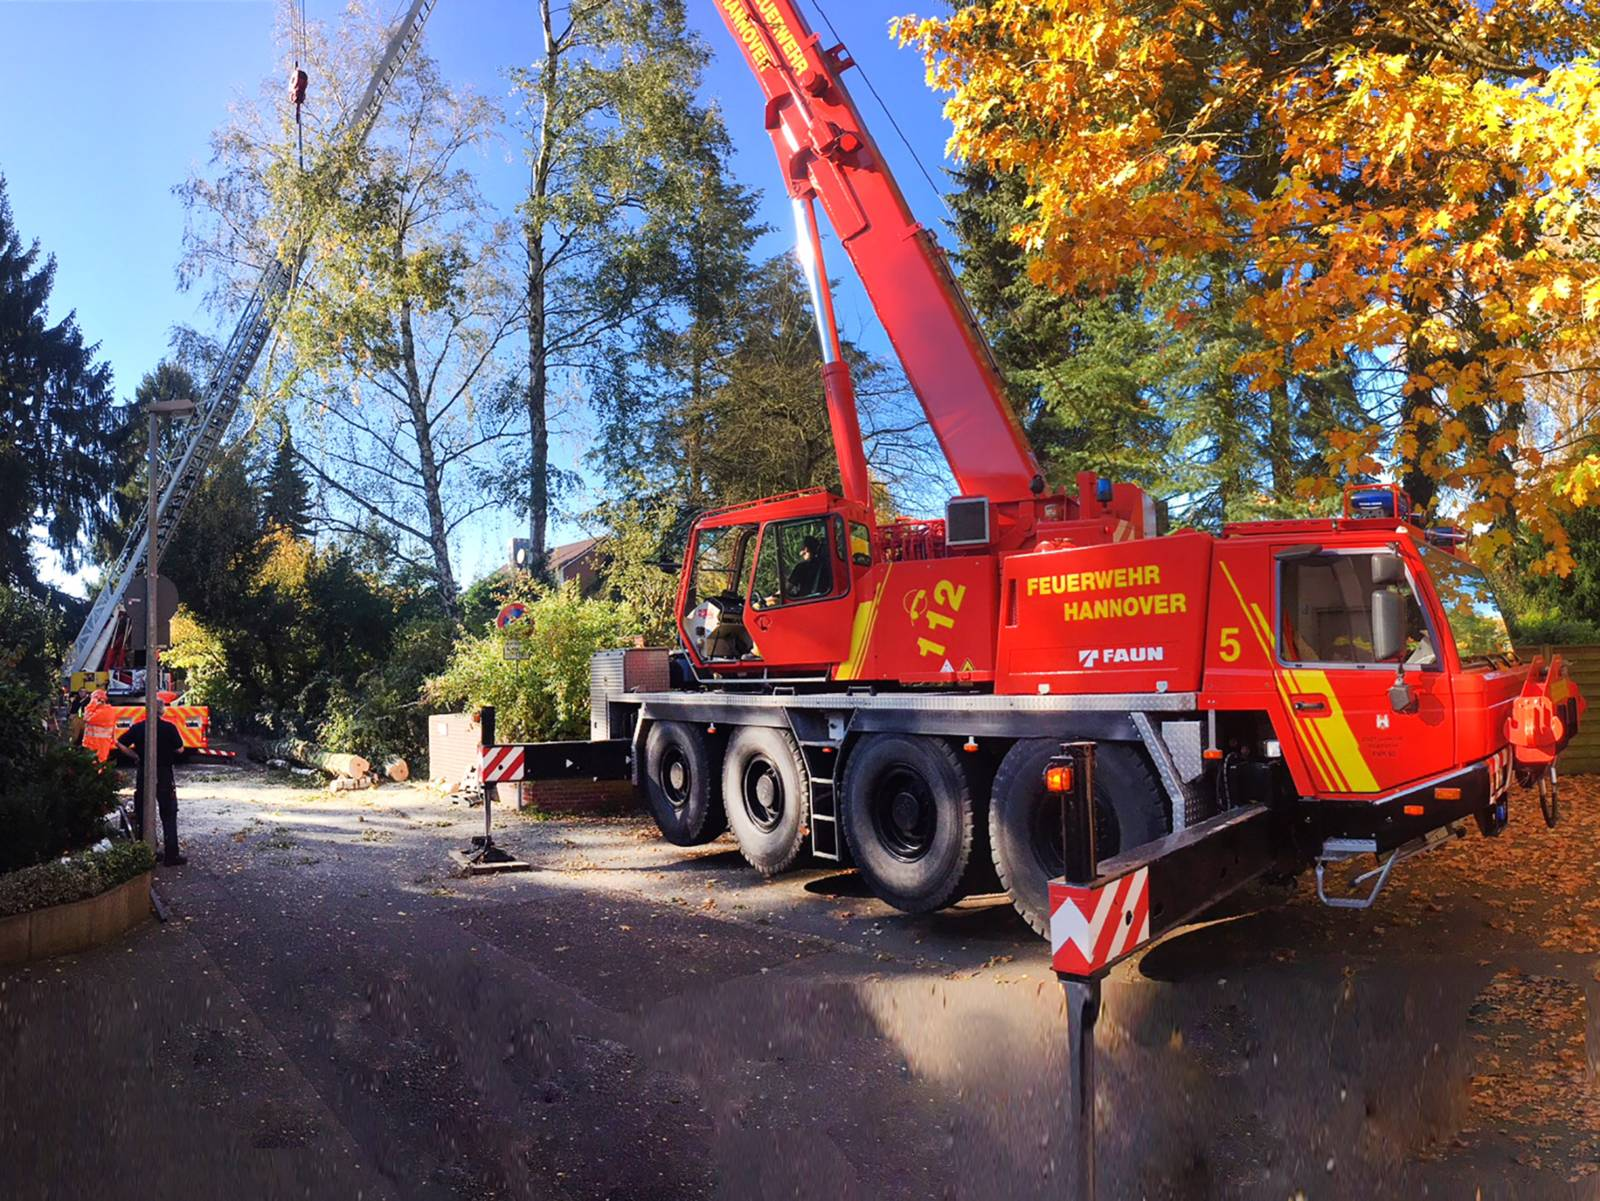 Im Vordergrund ein Kran der Feuerwehr Hannover, im Hintergrund eine Drehleiter mit Einsatzkräften der Feuerwehr Hannover. Die Fahrzeuge stützen den schrägliegenden Baum.